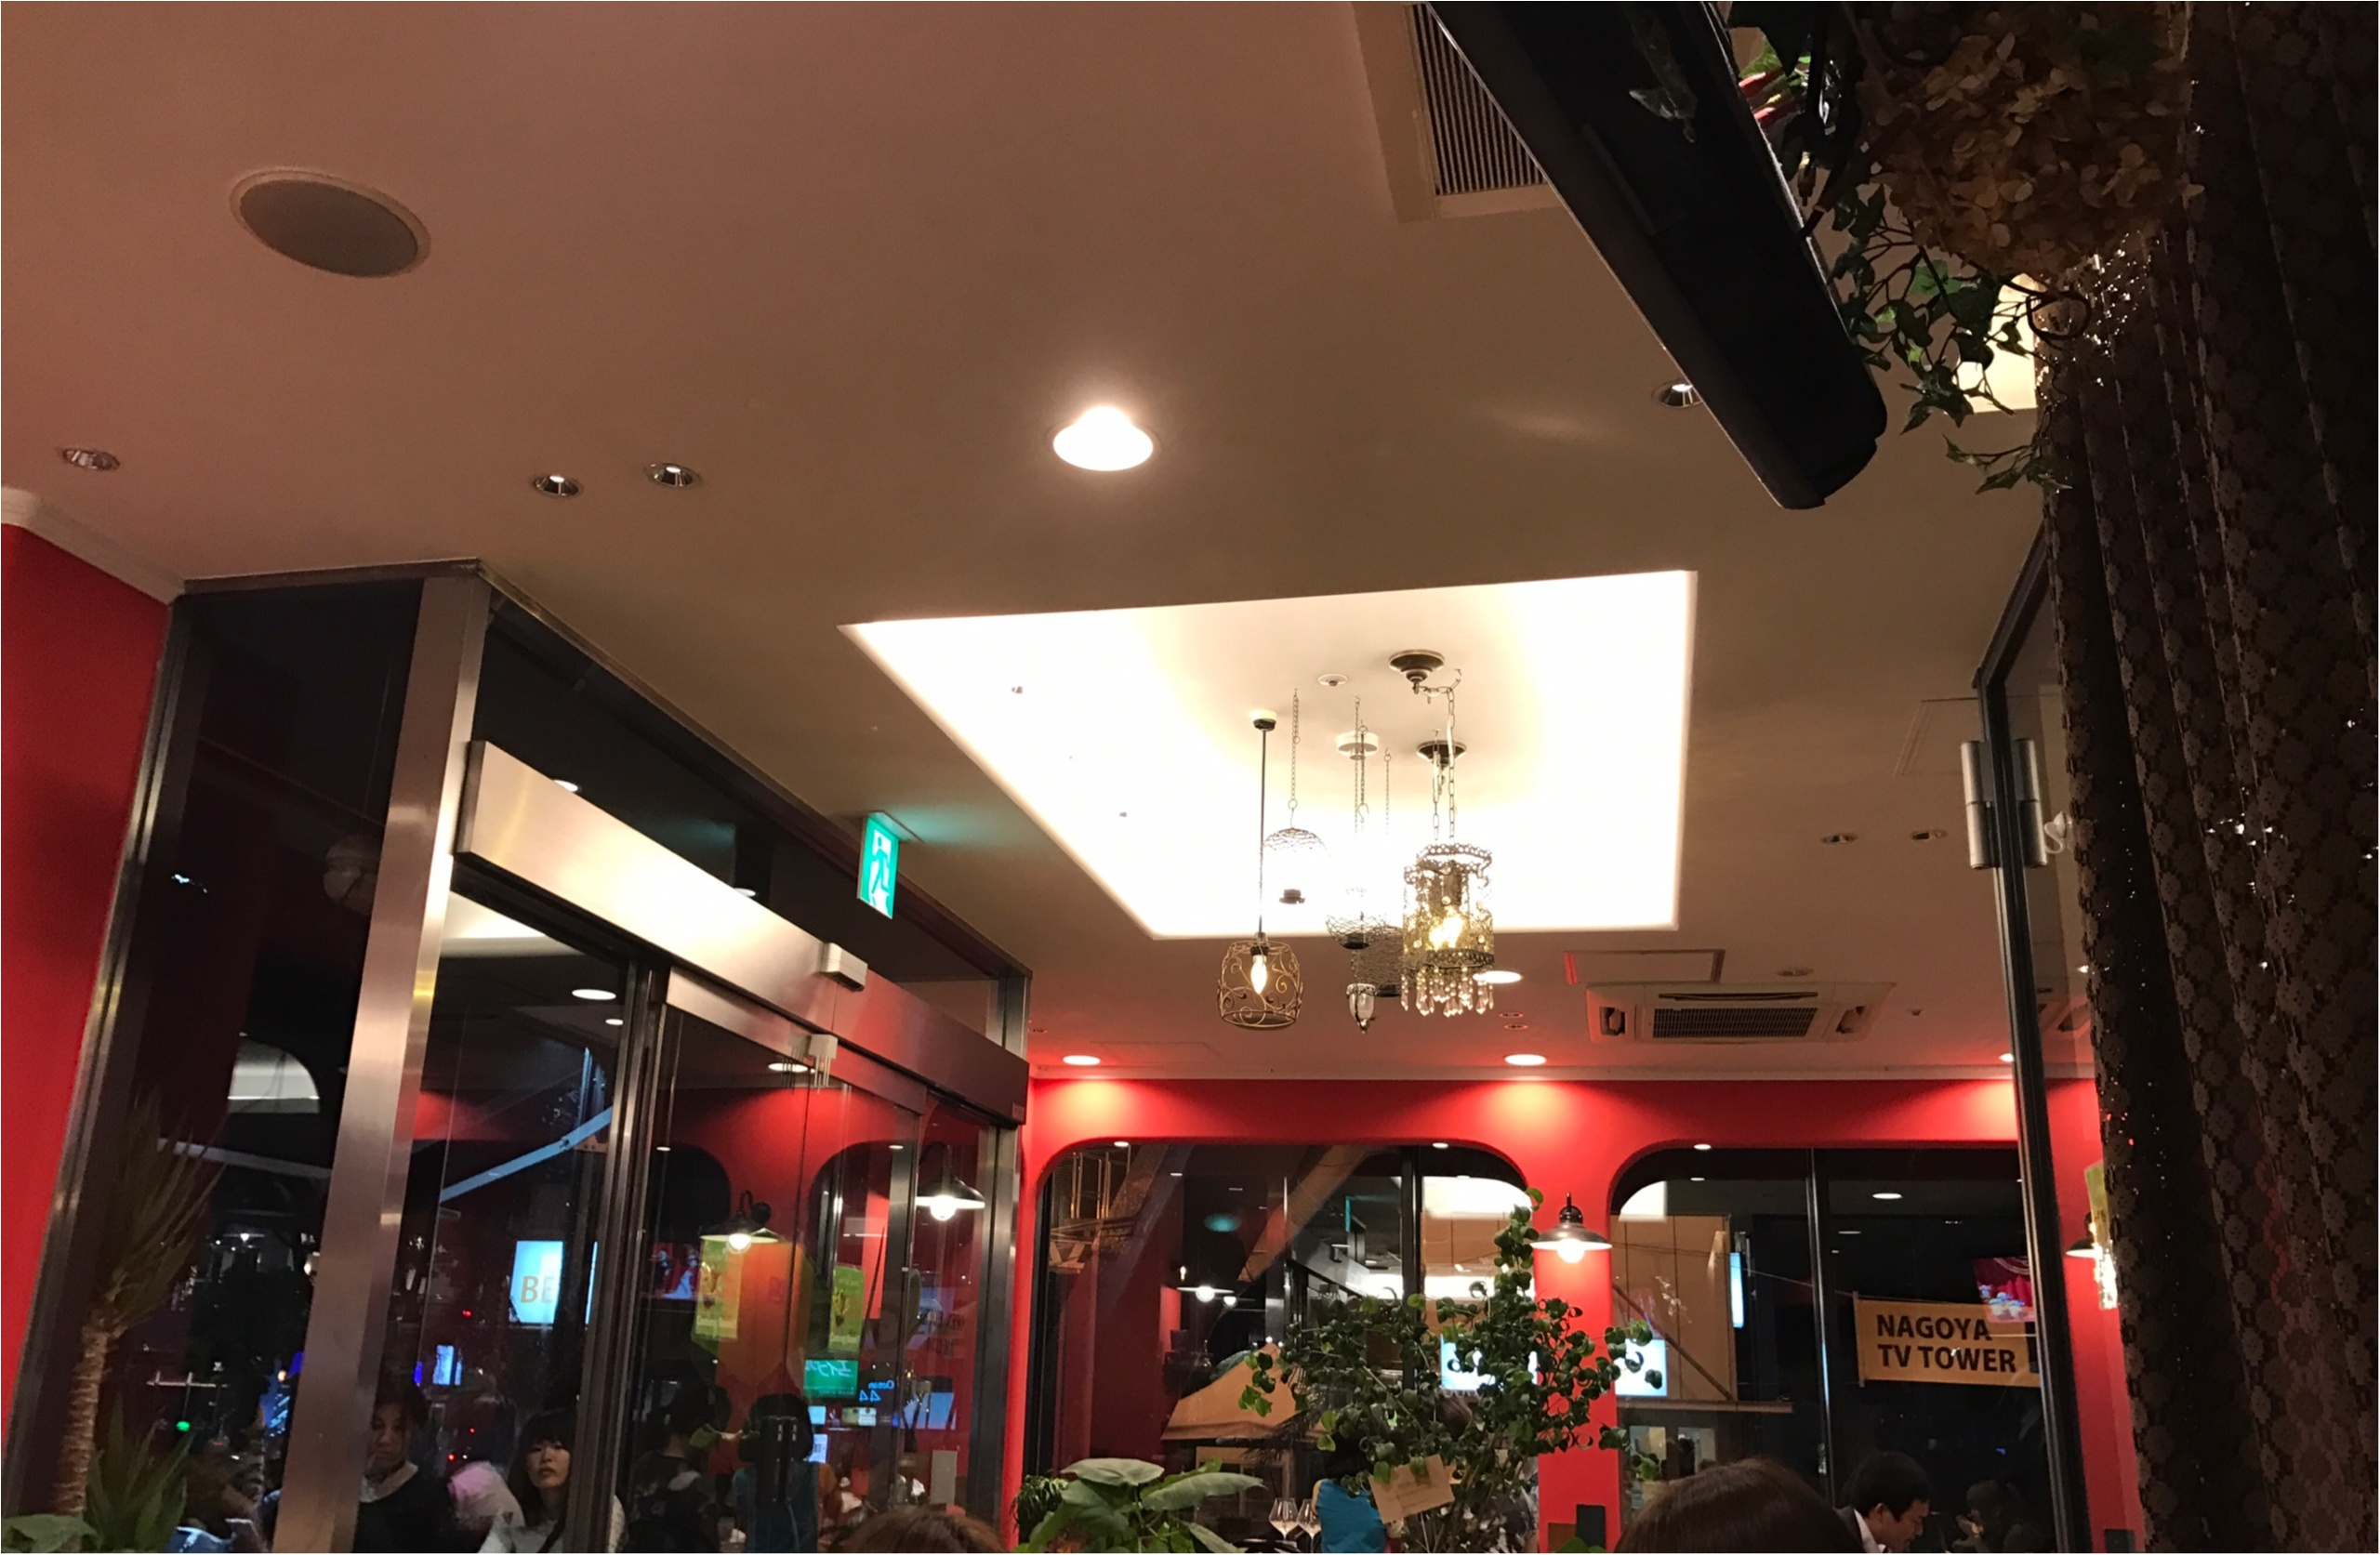 ★夜カフェするなら、ここがオススメ!あの、インスタジェニックな韓国発の○○も食べられちゃう?★_3